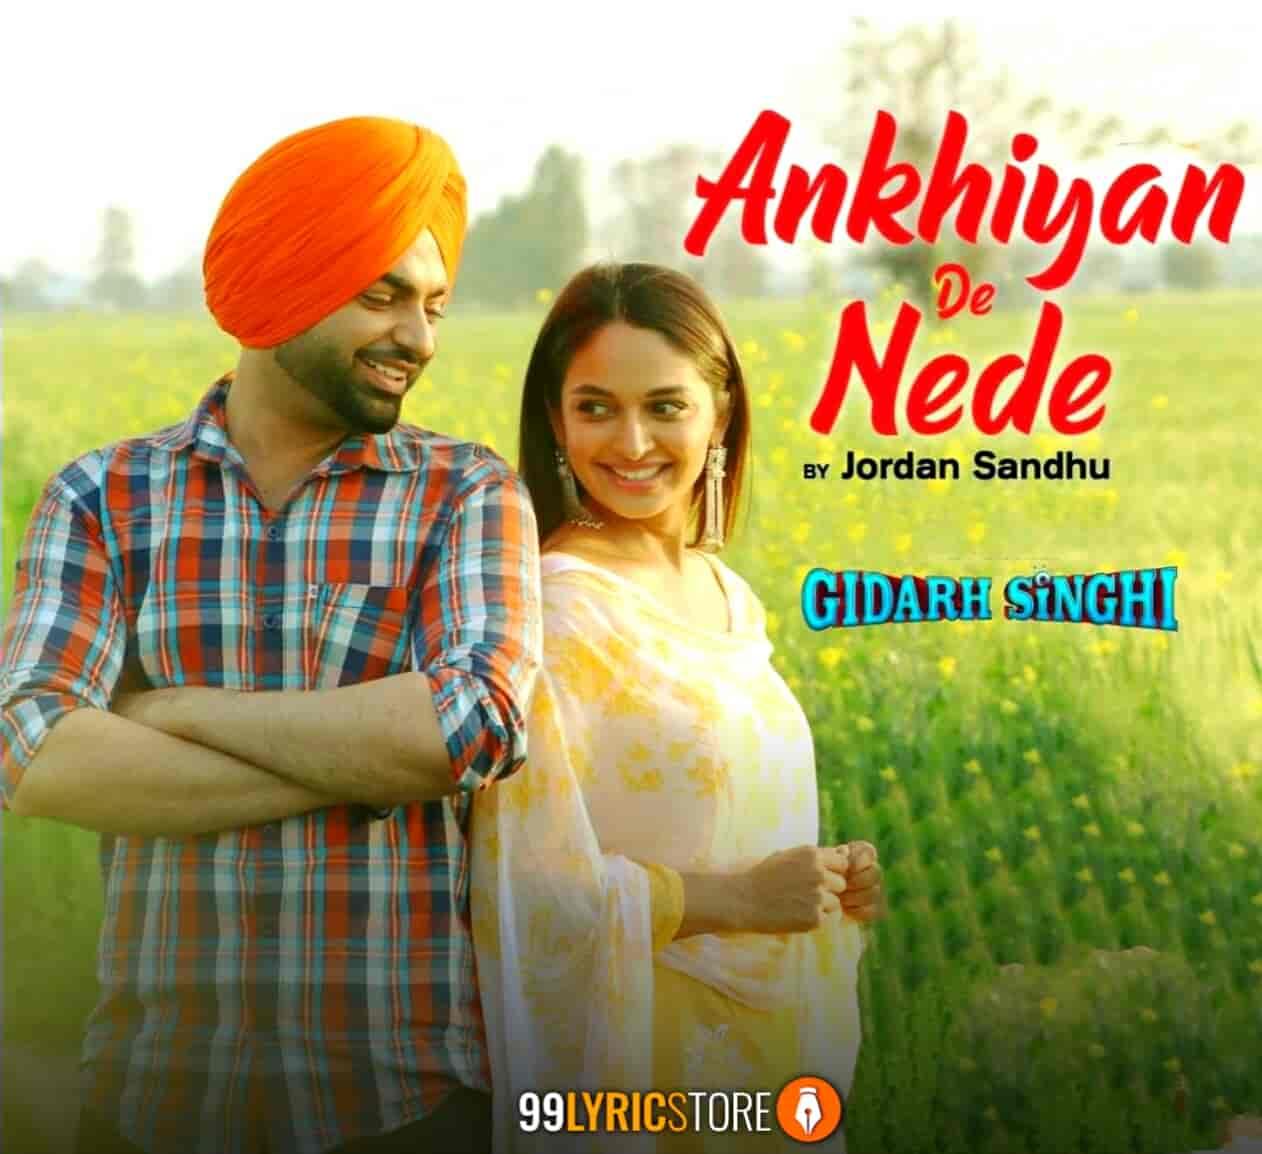 Ankhiyan De Nede Jordan Sandhu song Images